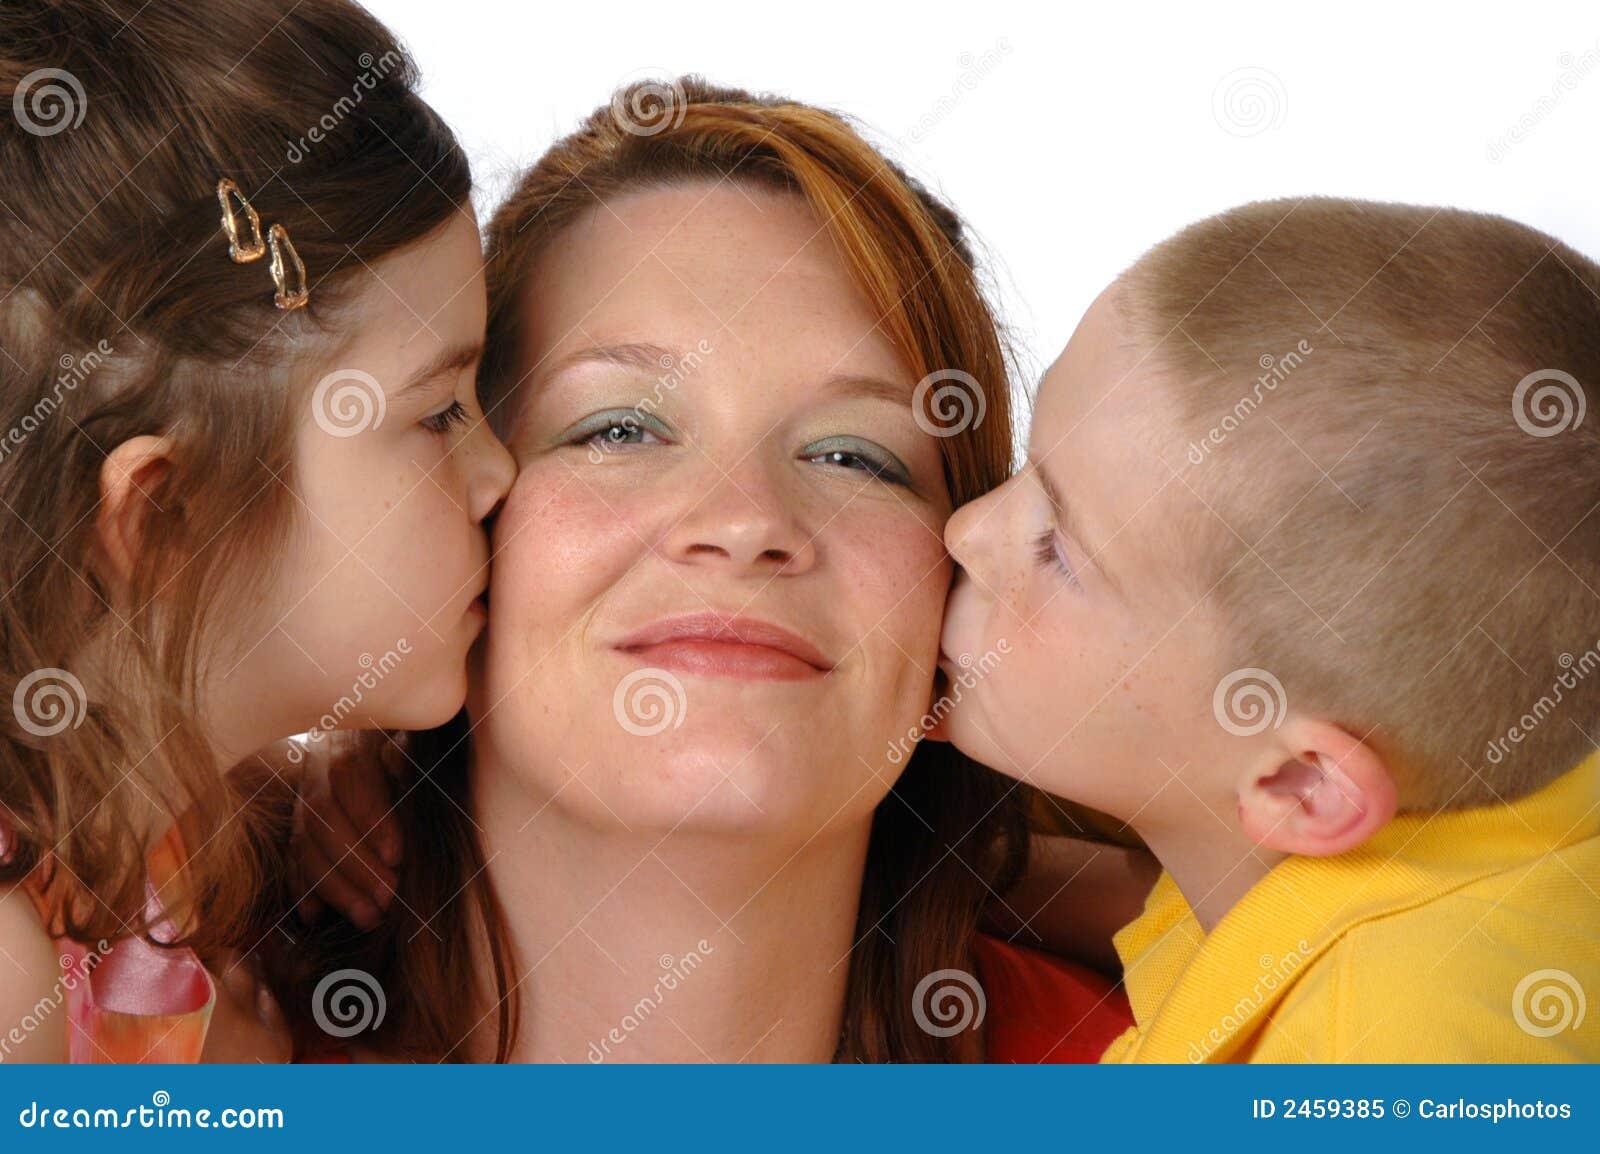 Сын чмокнул свою мать, Сын ебёт маму -видео. Смотреть сын ебёт маму 24 фотография